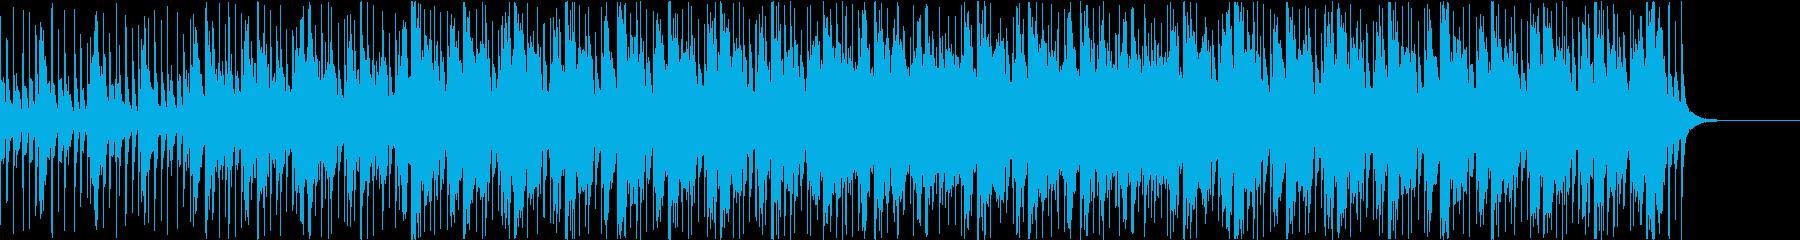 三味線と和太鼓のお祭りジングルの再生済みの波形